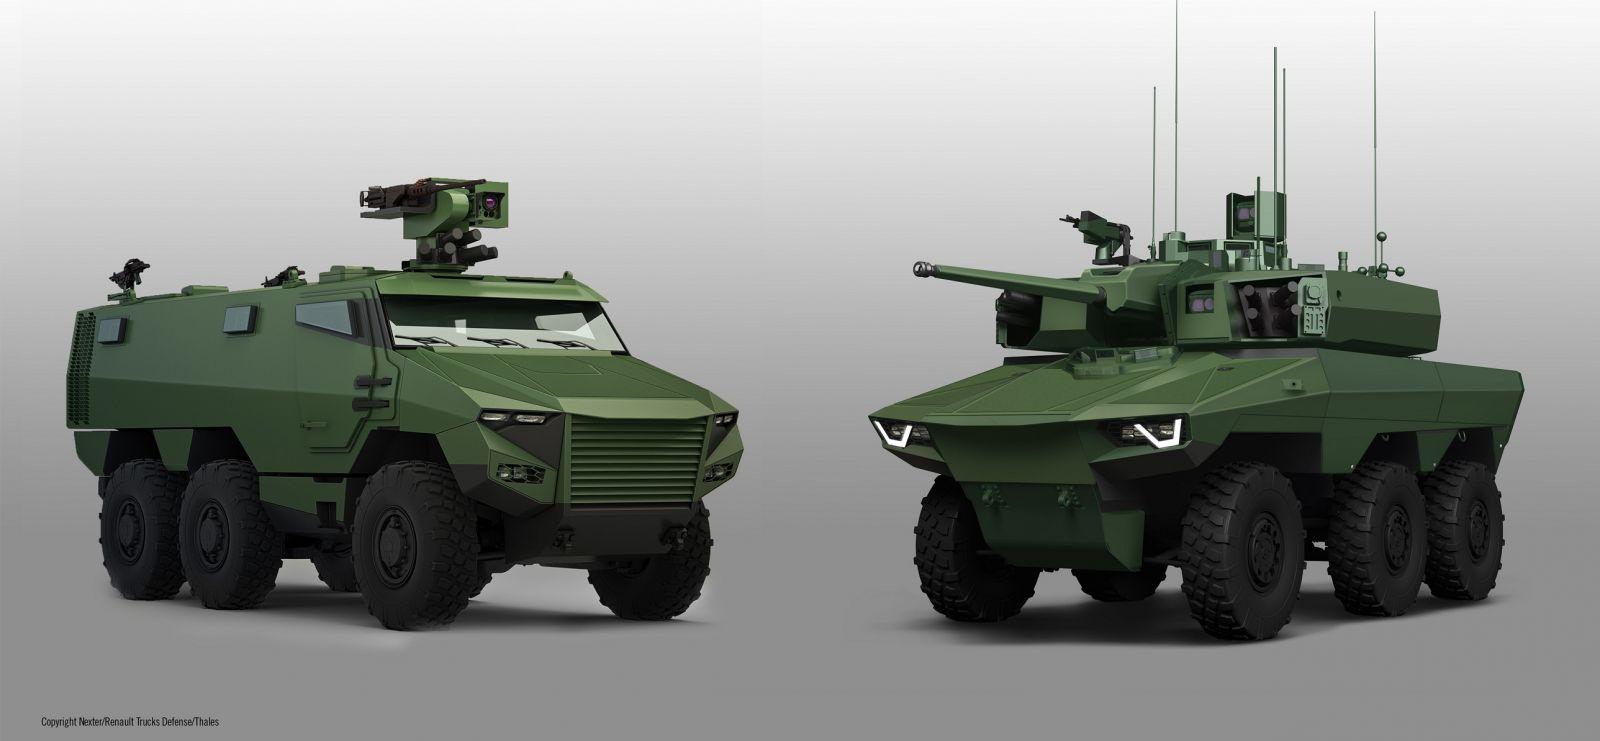 Новые бронированные машины Griffon VBMR и Jaguar EBRC, созданные совместно Renault Trucks Defense (RTD) и Nexter Systems для французской армии по программе Scorpion